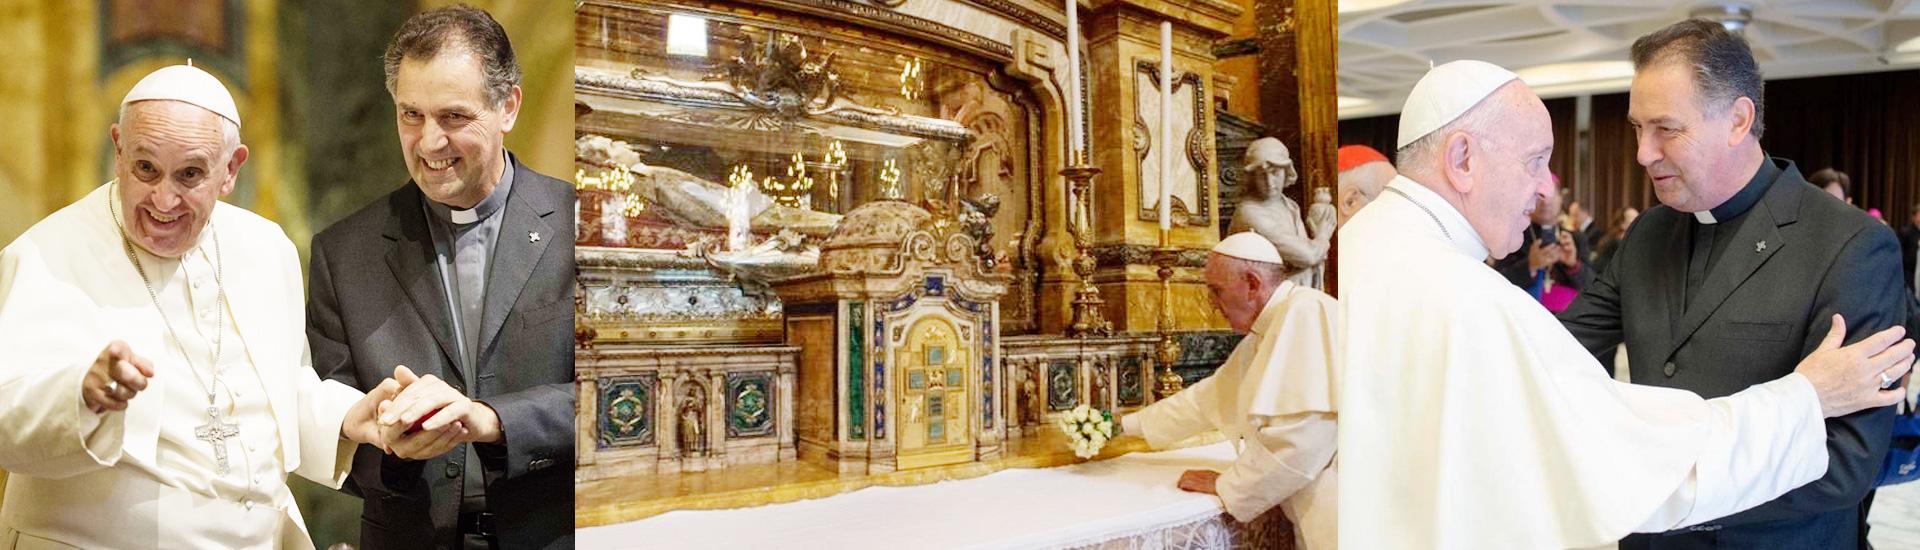 Recuerdos del Papa de su educación con los Salesianos